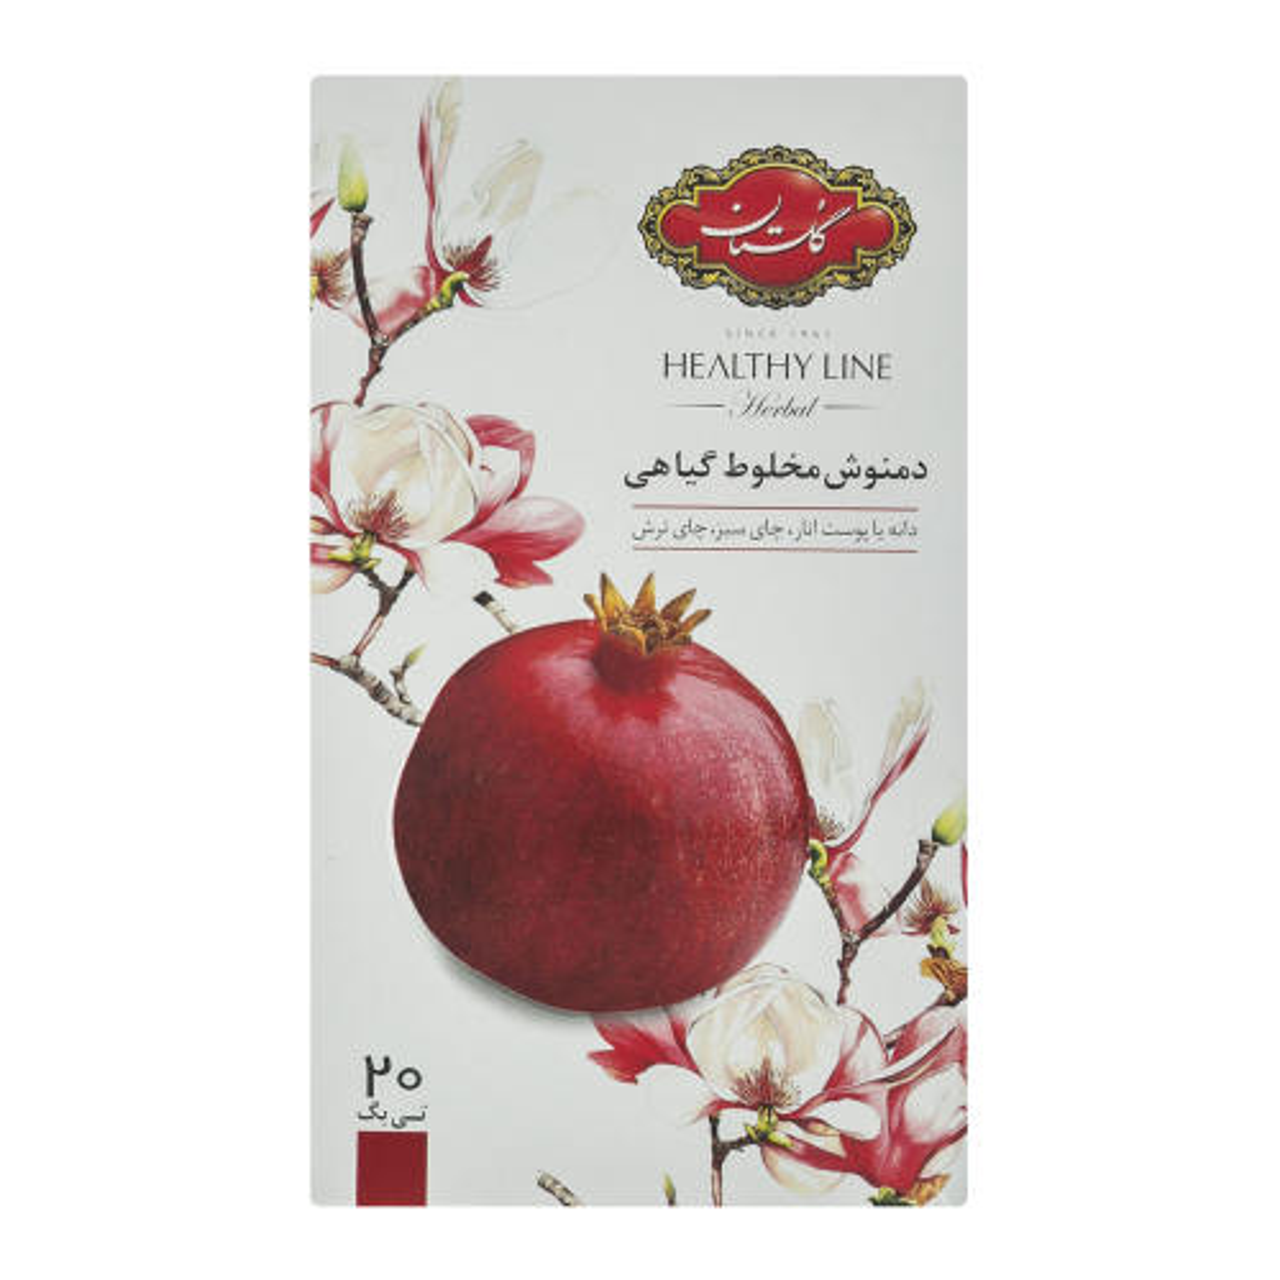 دمنوش کیسه ای مخلوط گیاهی گلستان با طعم انار بسته 20 عددی